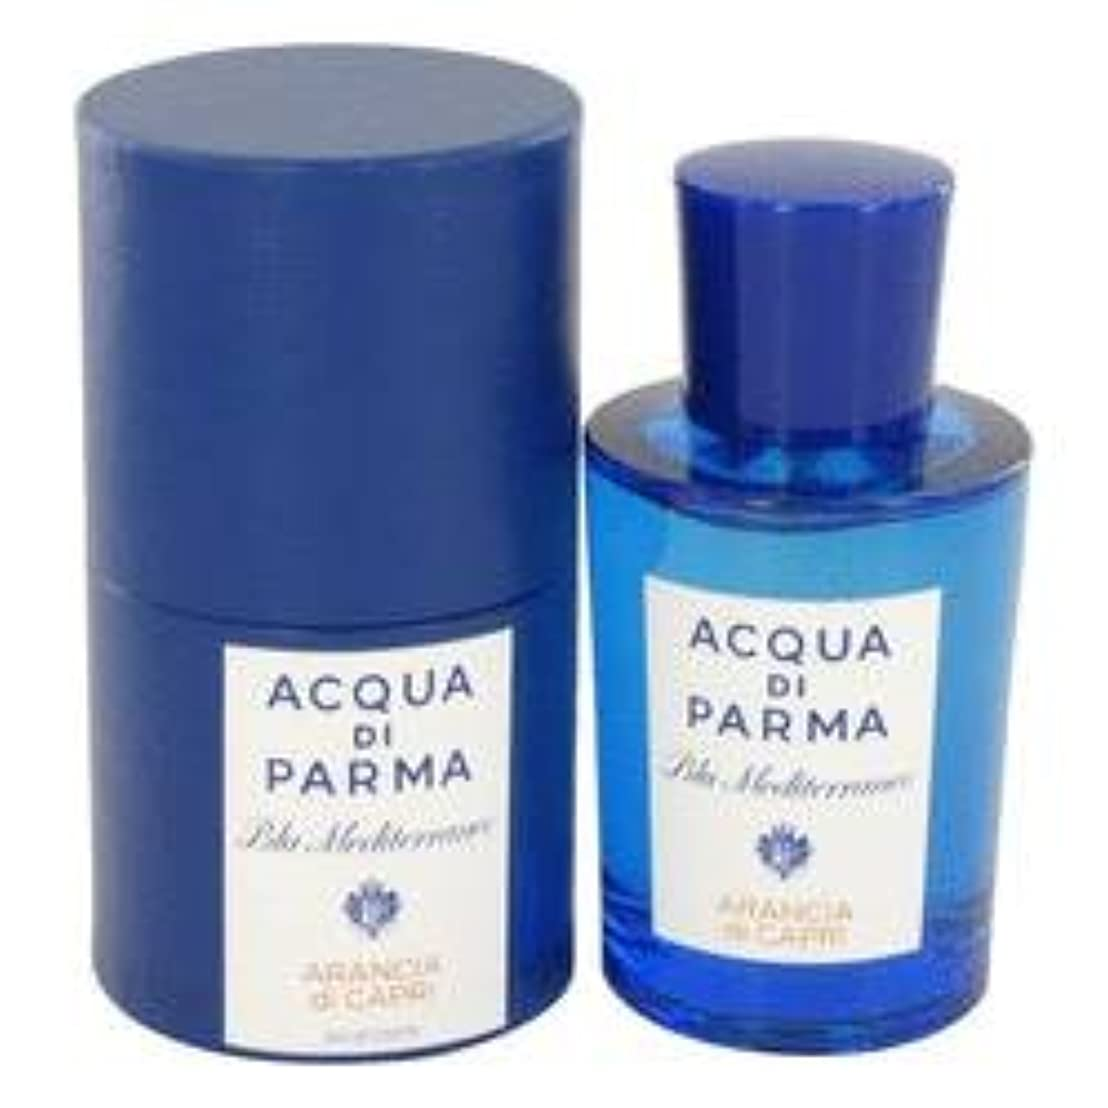 オリエントストリーム粘性のBlu Mediterraneo Arancia Di Capri Eau De Toilette Spray By Acqua Di Parma